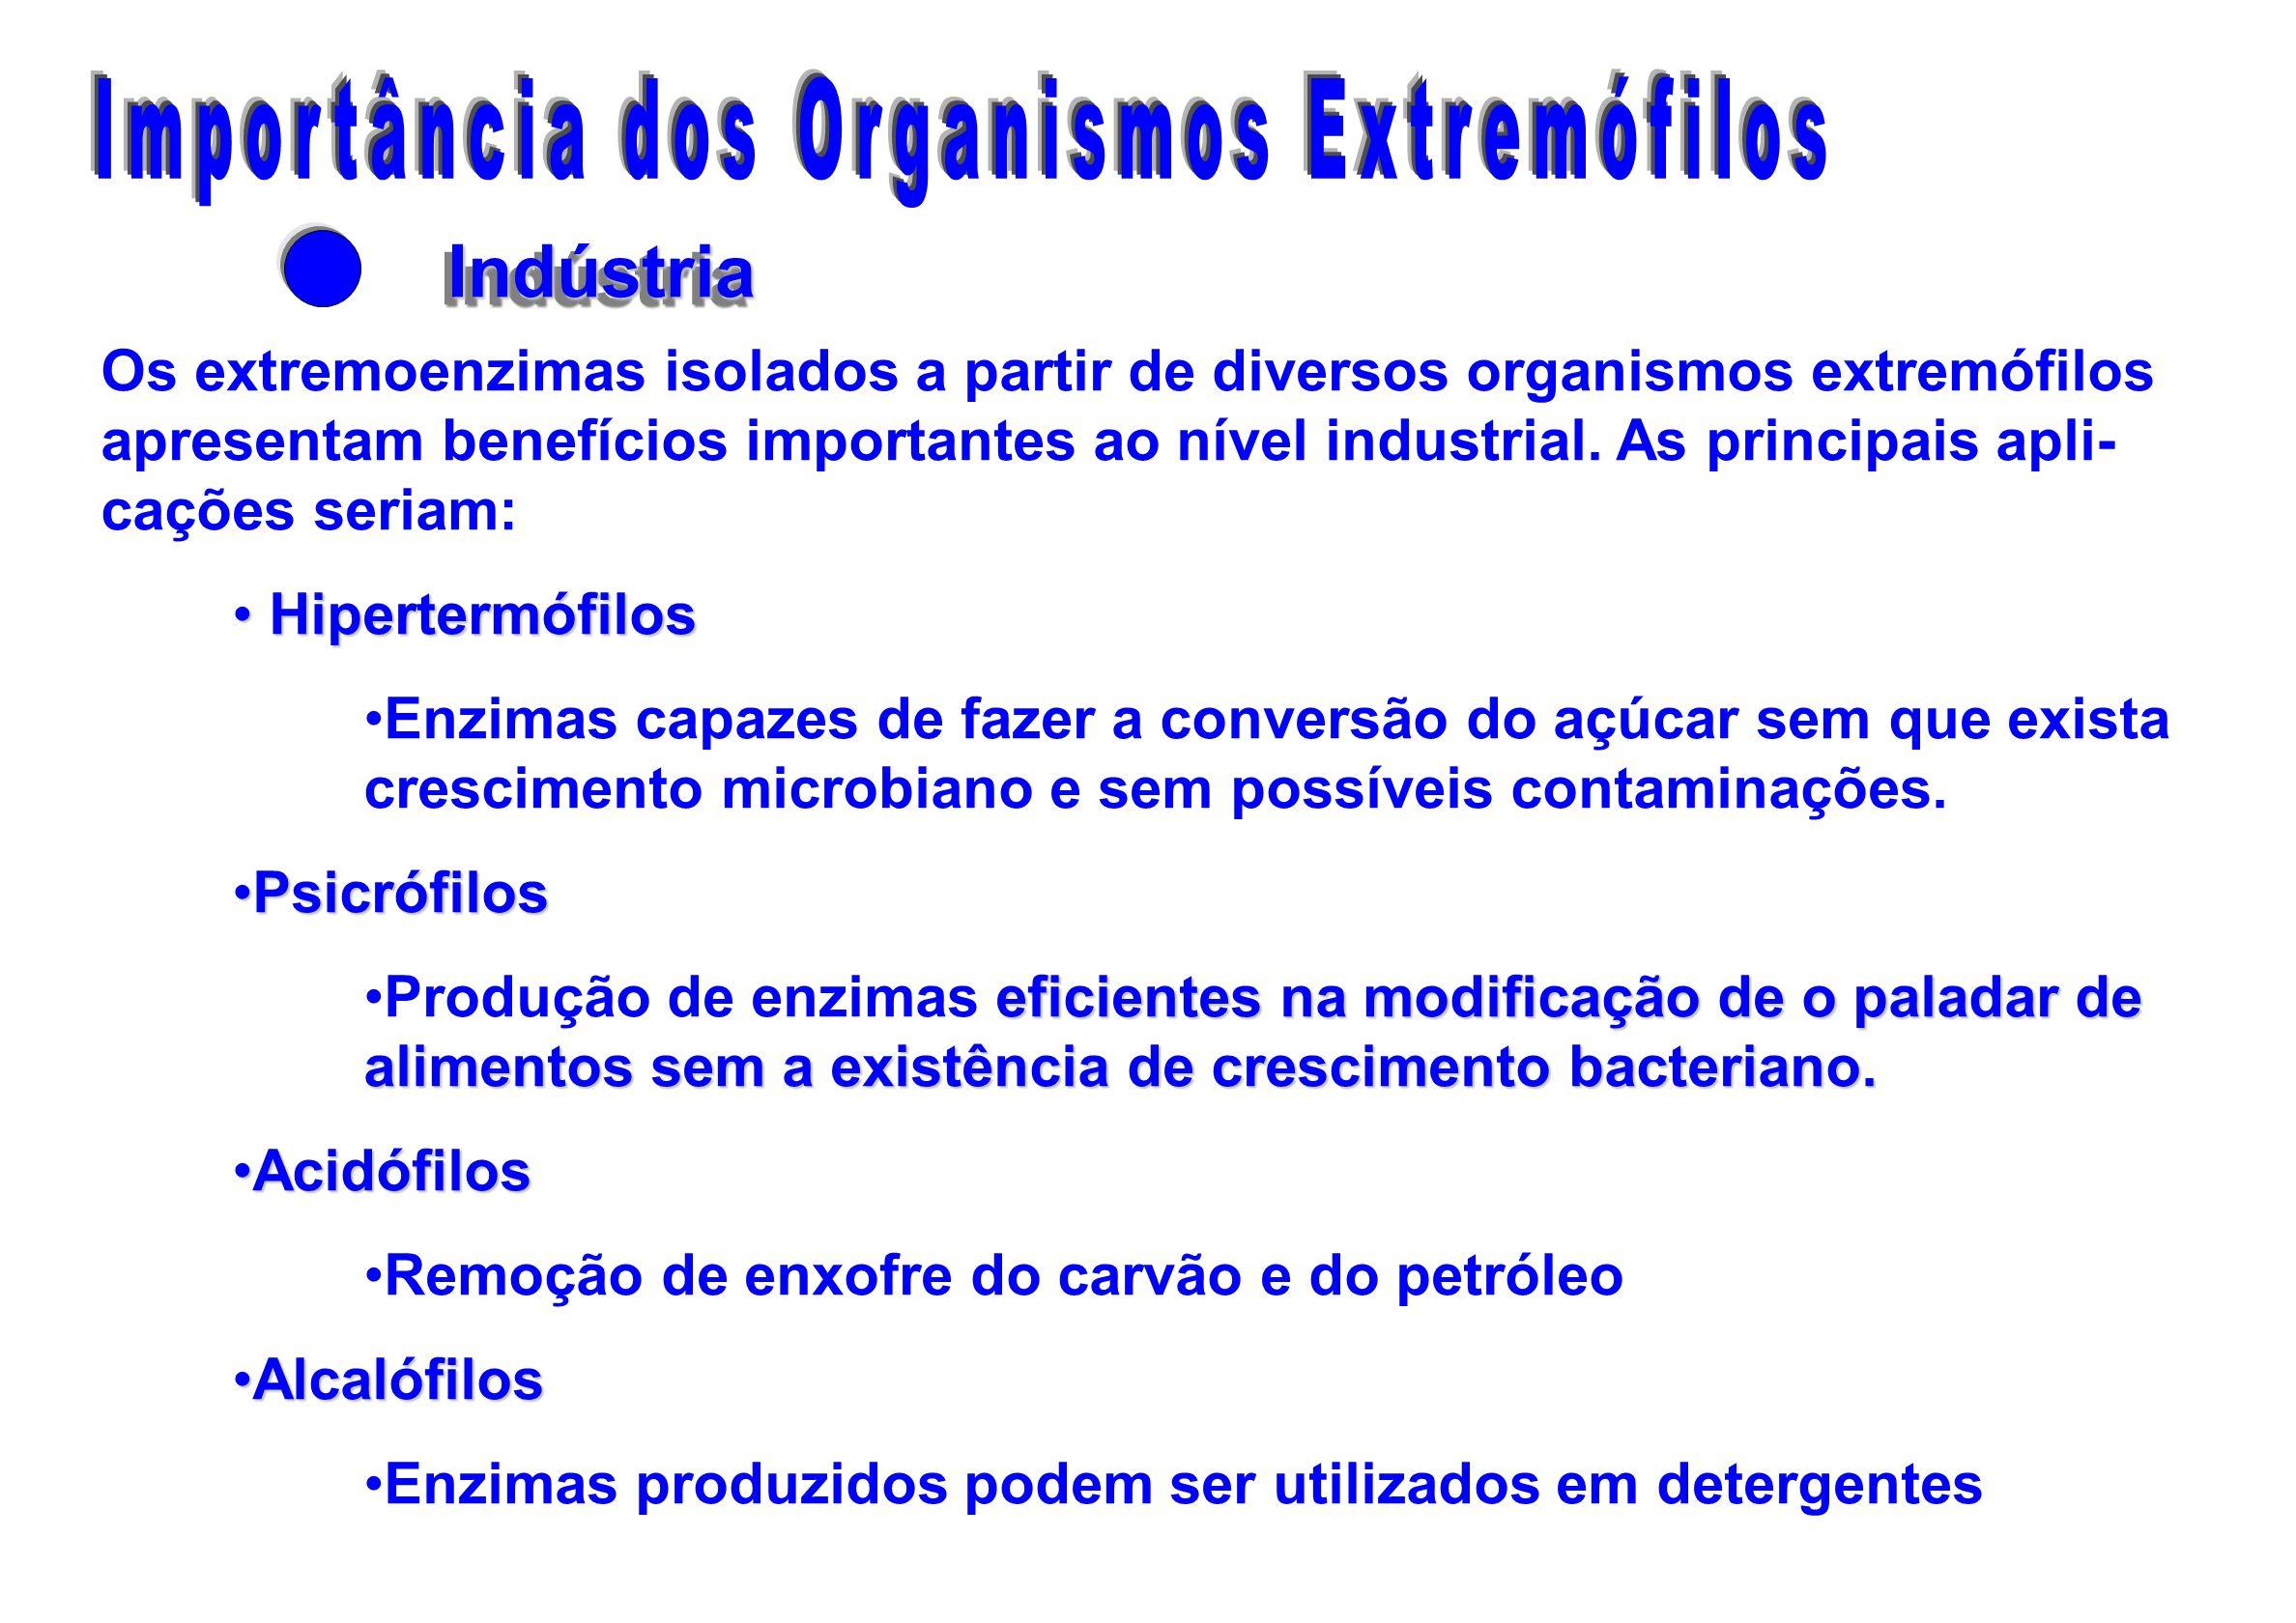 Importância dos Organismos Extremófilos